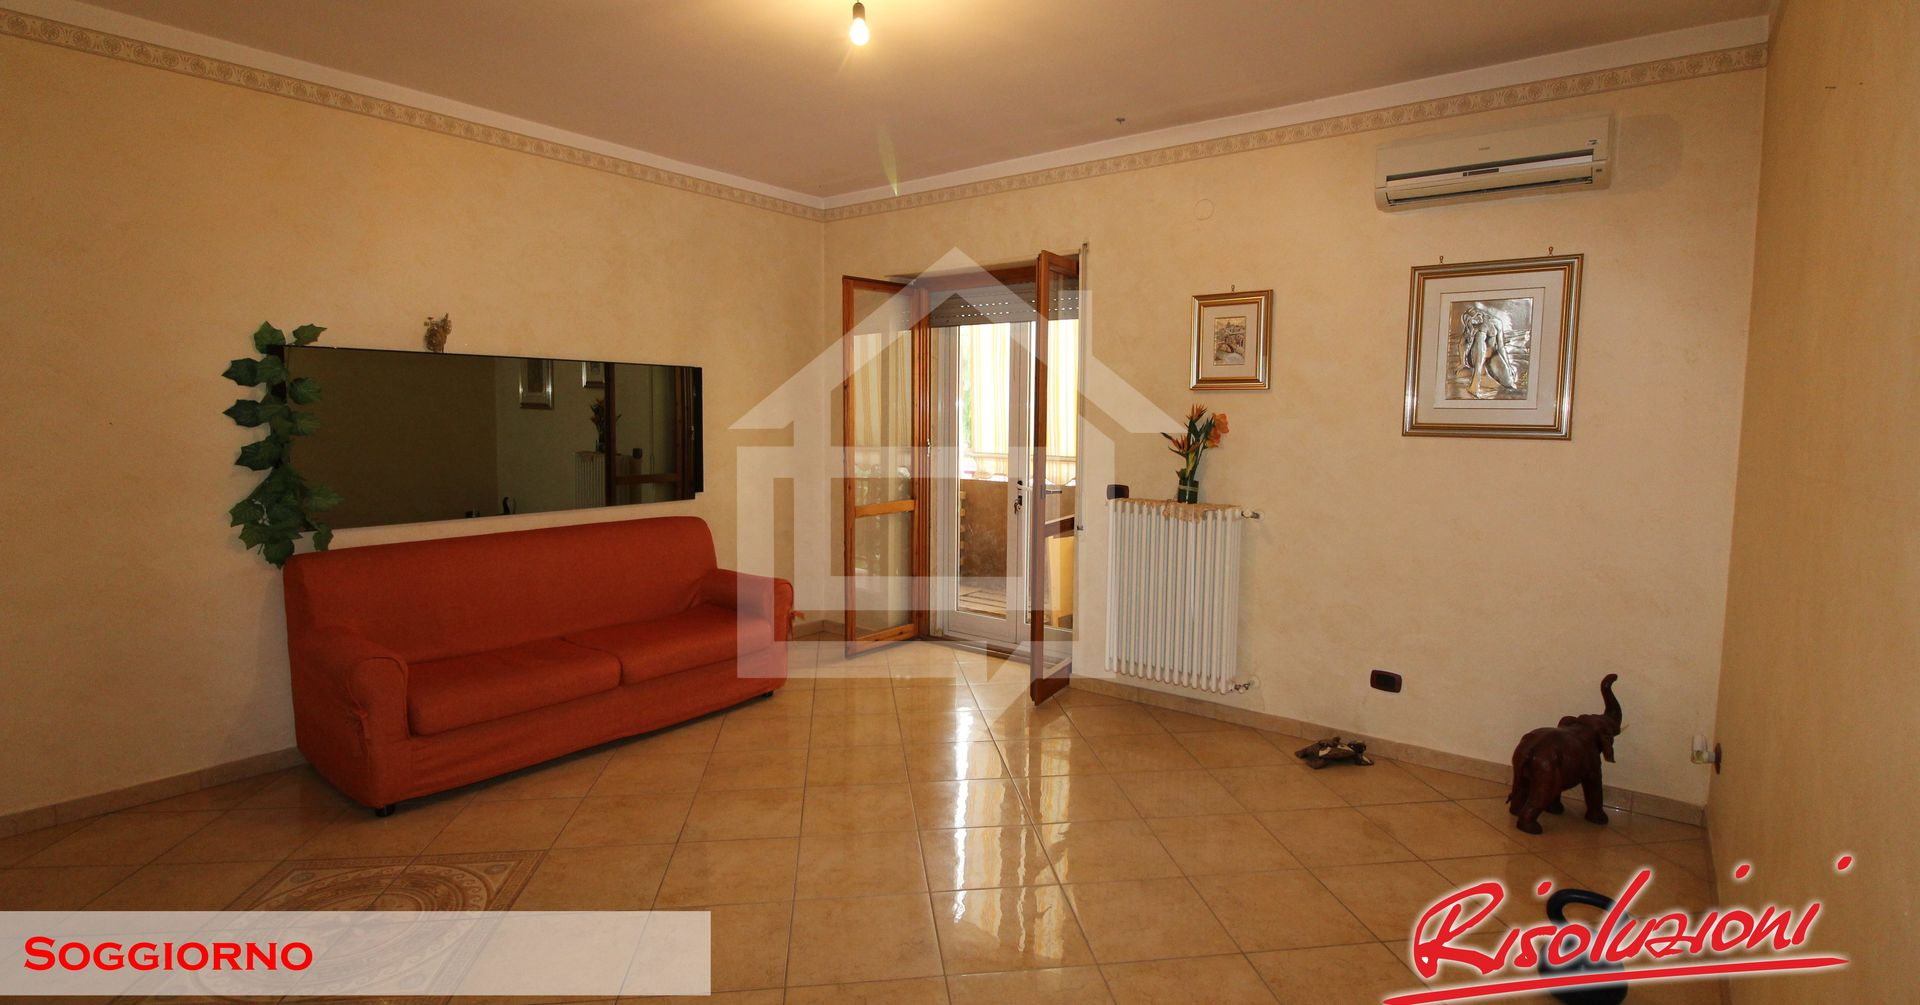 Divicasa appartamento in vendita a palagiano taranto for Appartamento di efficienza seminterrato